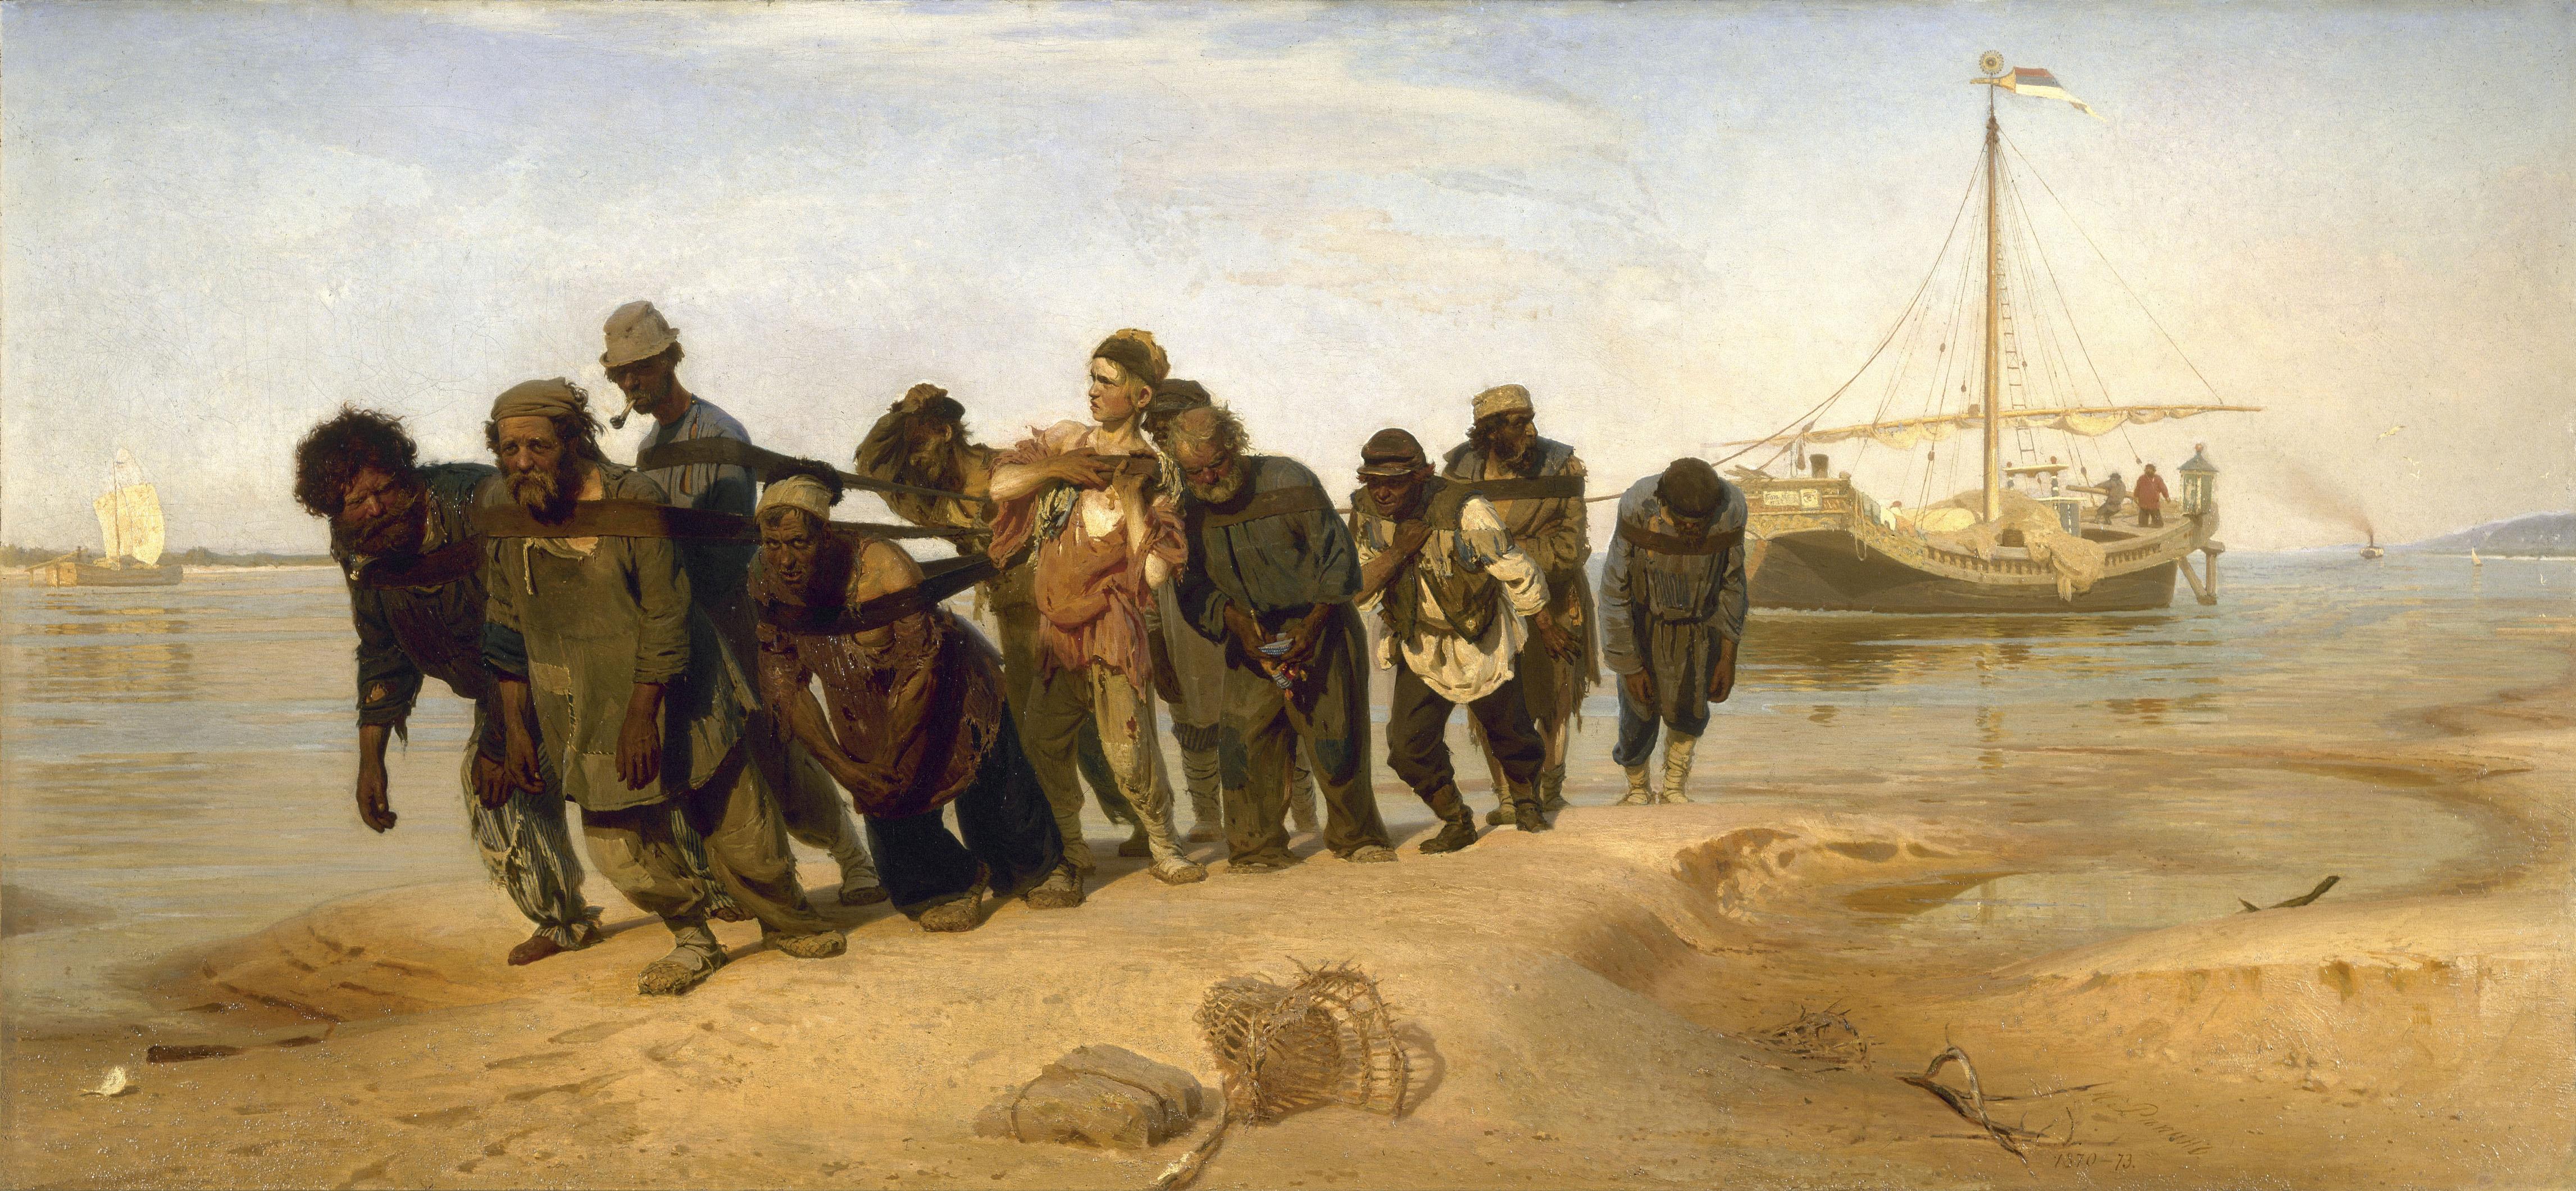 Илья Репин.Бурлаки на Волге 1870—1873